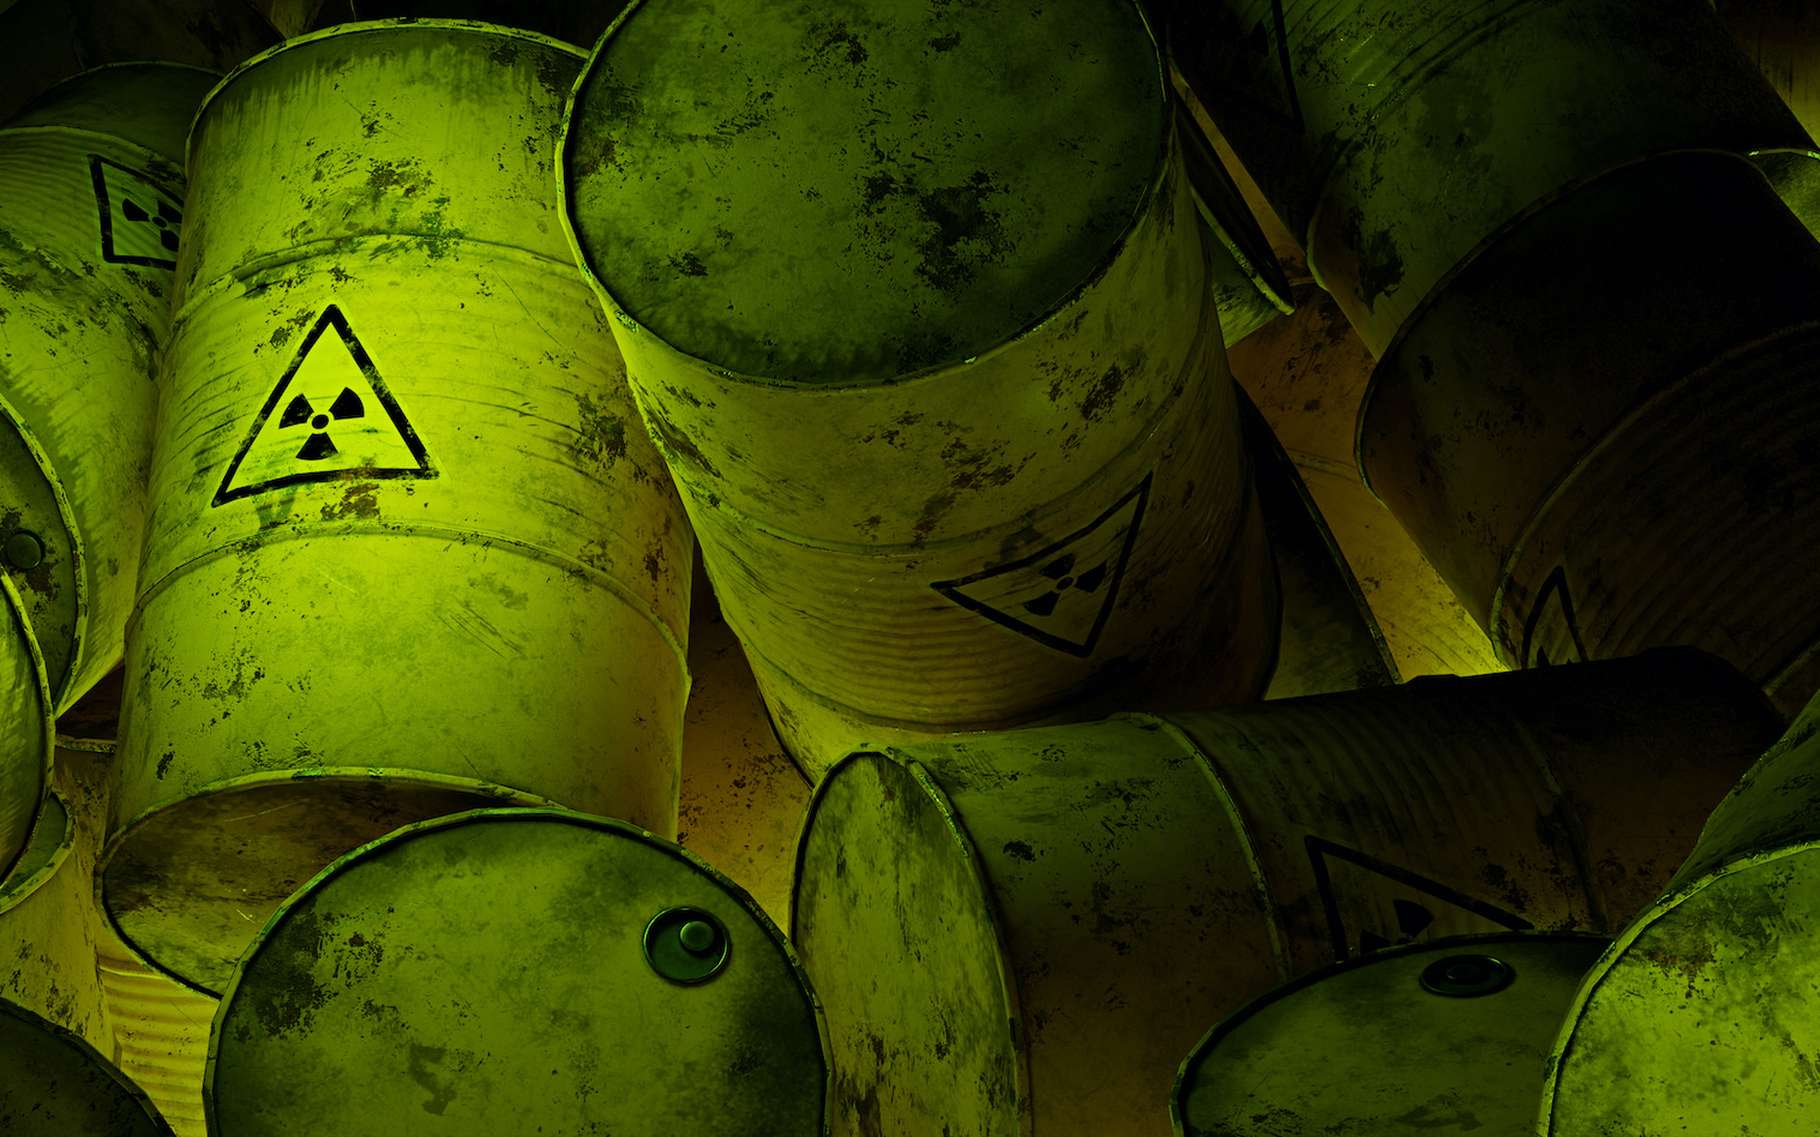 Des chercheurs de l'université de l'État du Michigan (MSU, États-Unis) expliquent comment des Geobacters parviennent à éliminer l'uranium radioactif de leur environnement. © dottedyeti, Adobe Stock